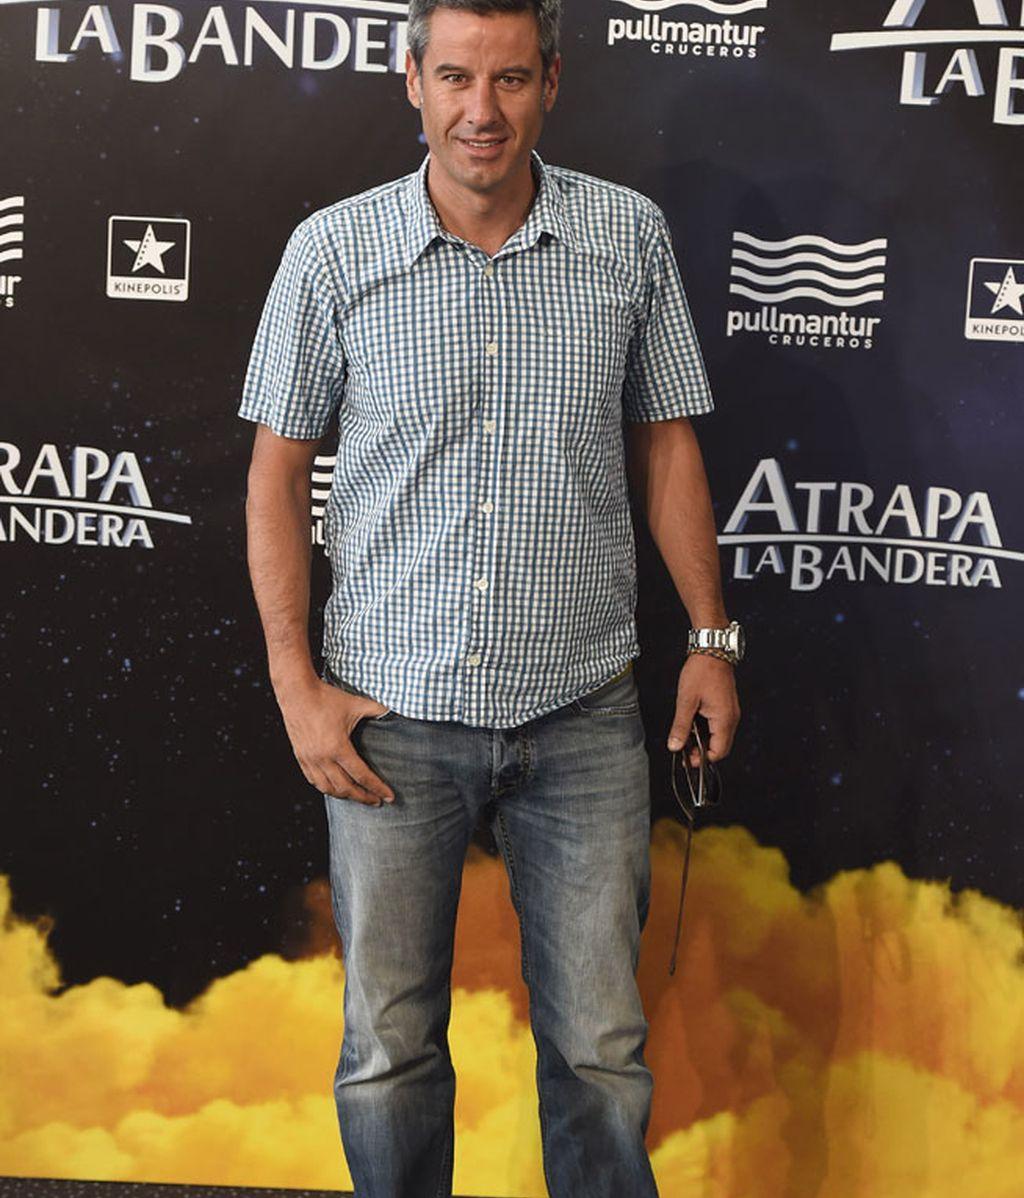 El reportero y periodista, Nico Abad